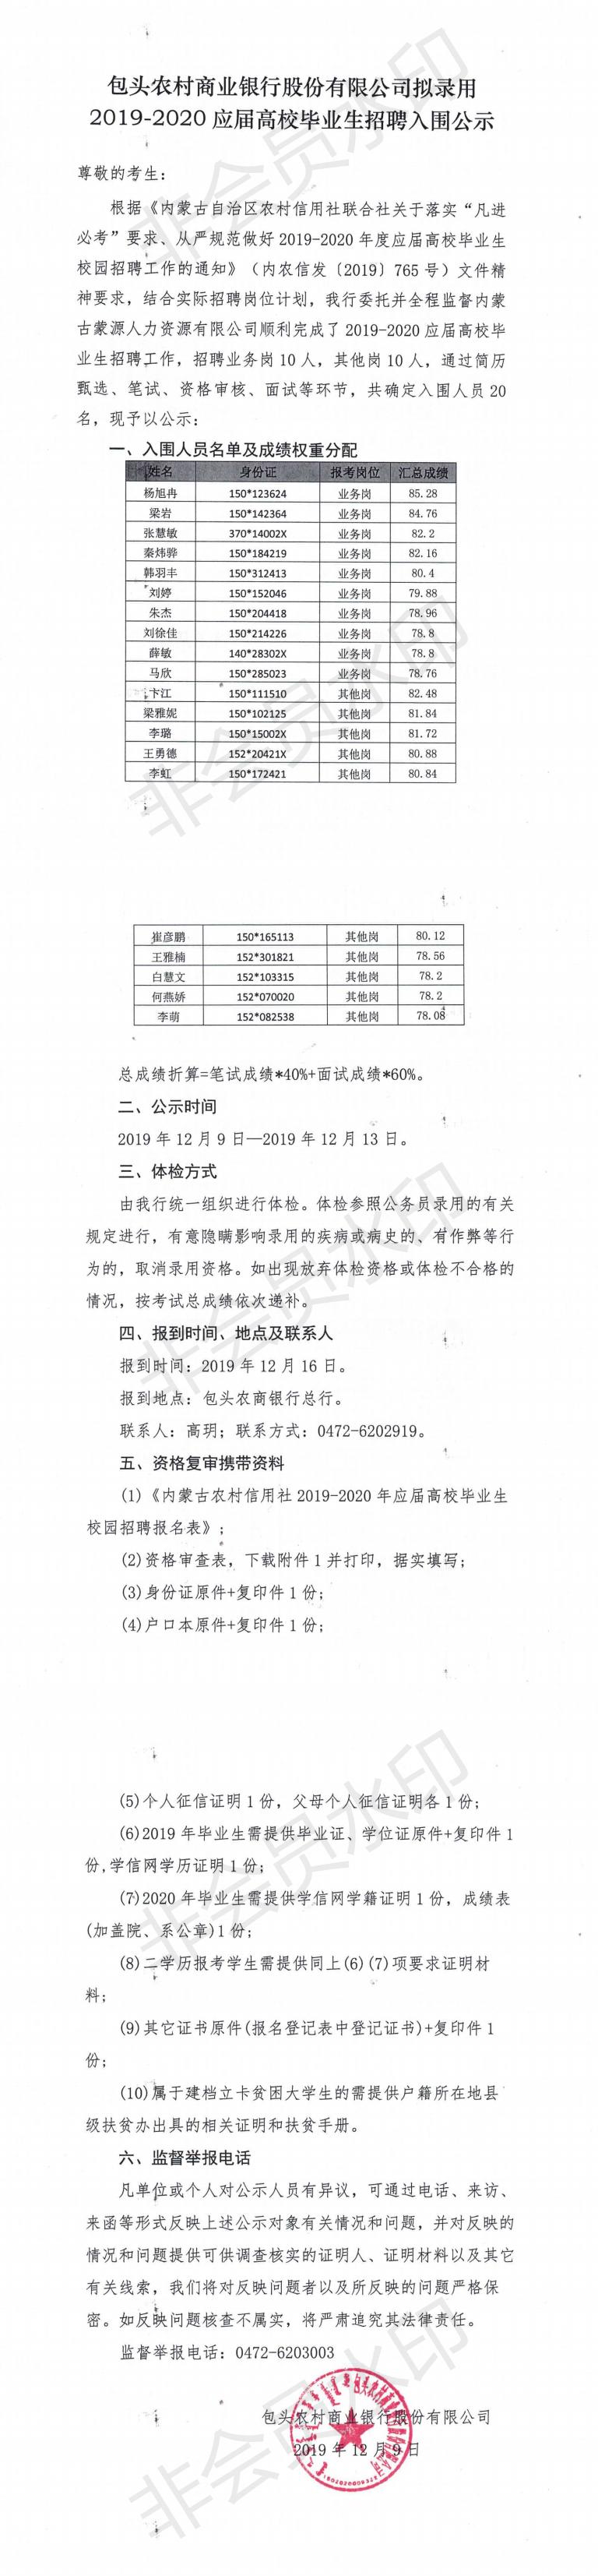 包头农商银行关于拟录用2019-2020应届高校毕业生招聘入围公示_0.png